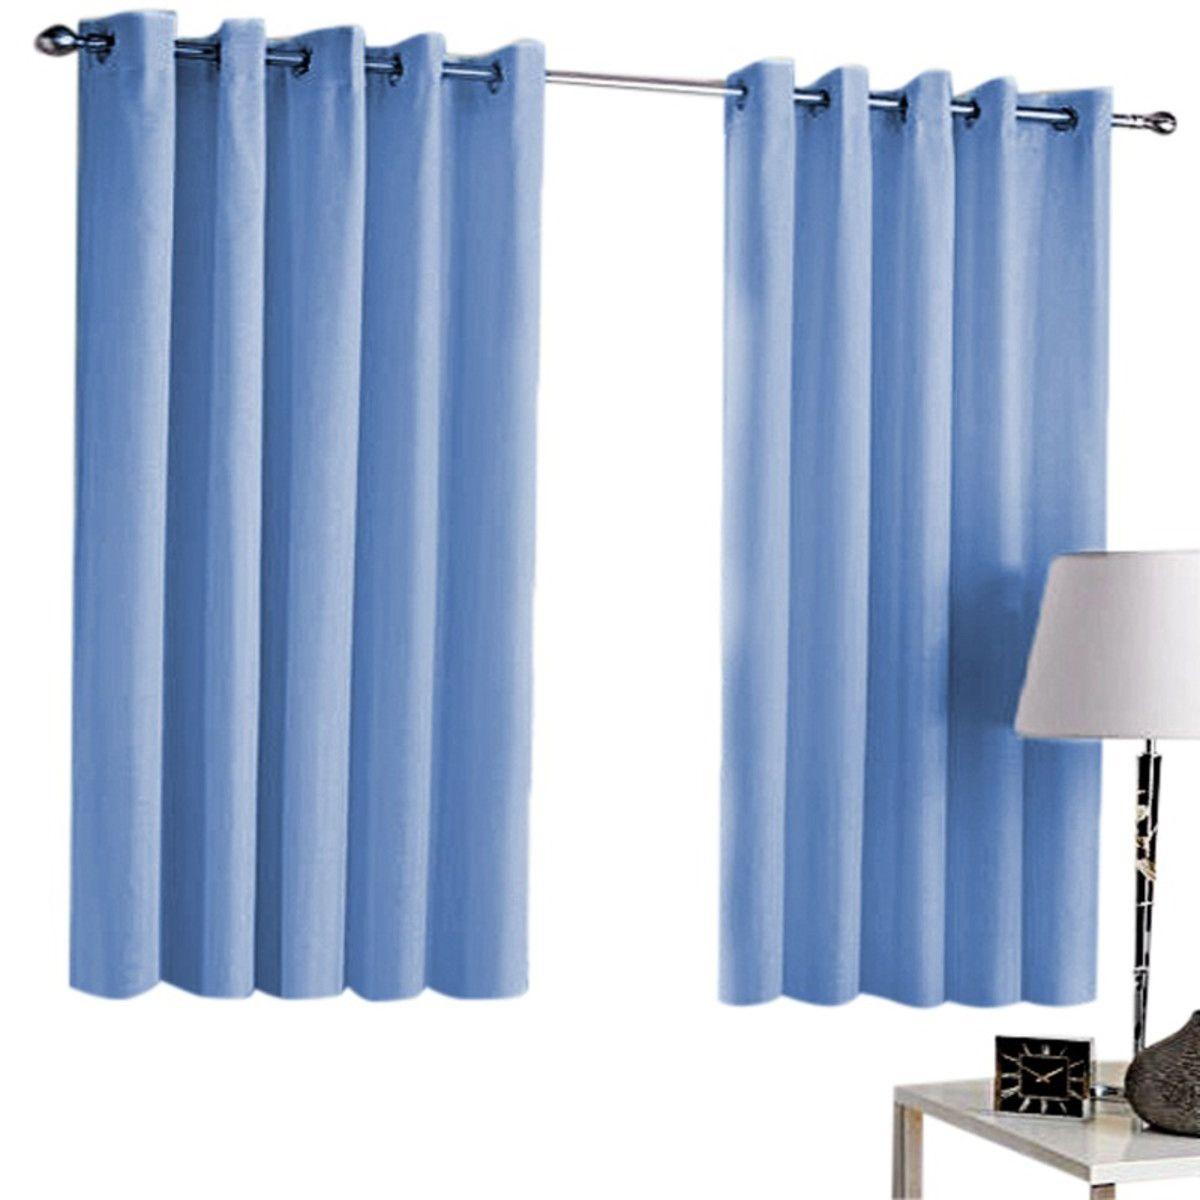 Cortina Blackout 100% Uni Rubi Azul 2,60 x 1,70 Bella Janela